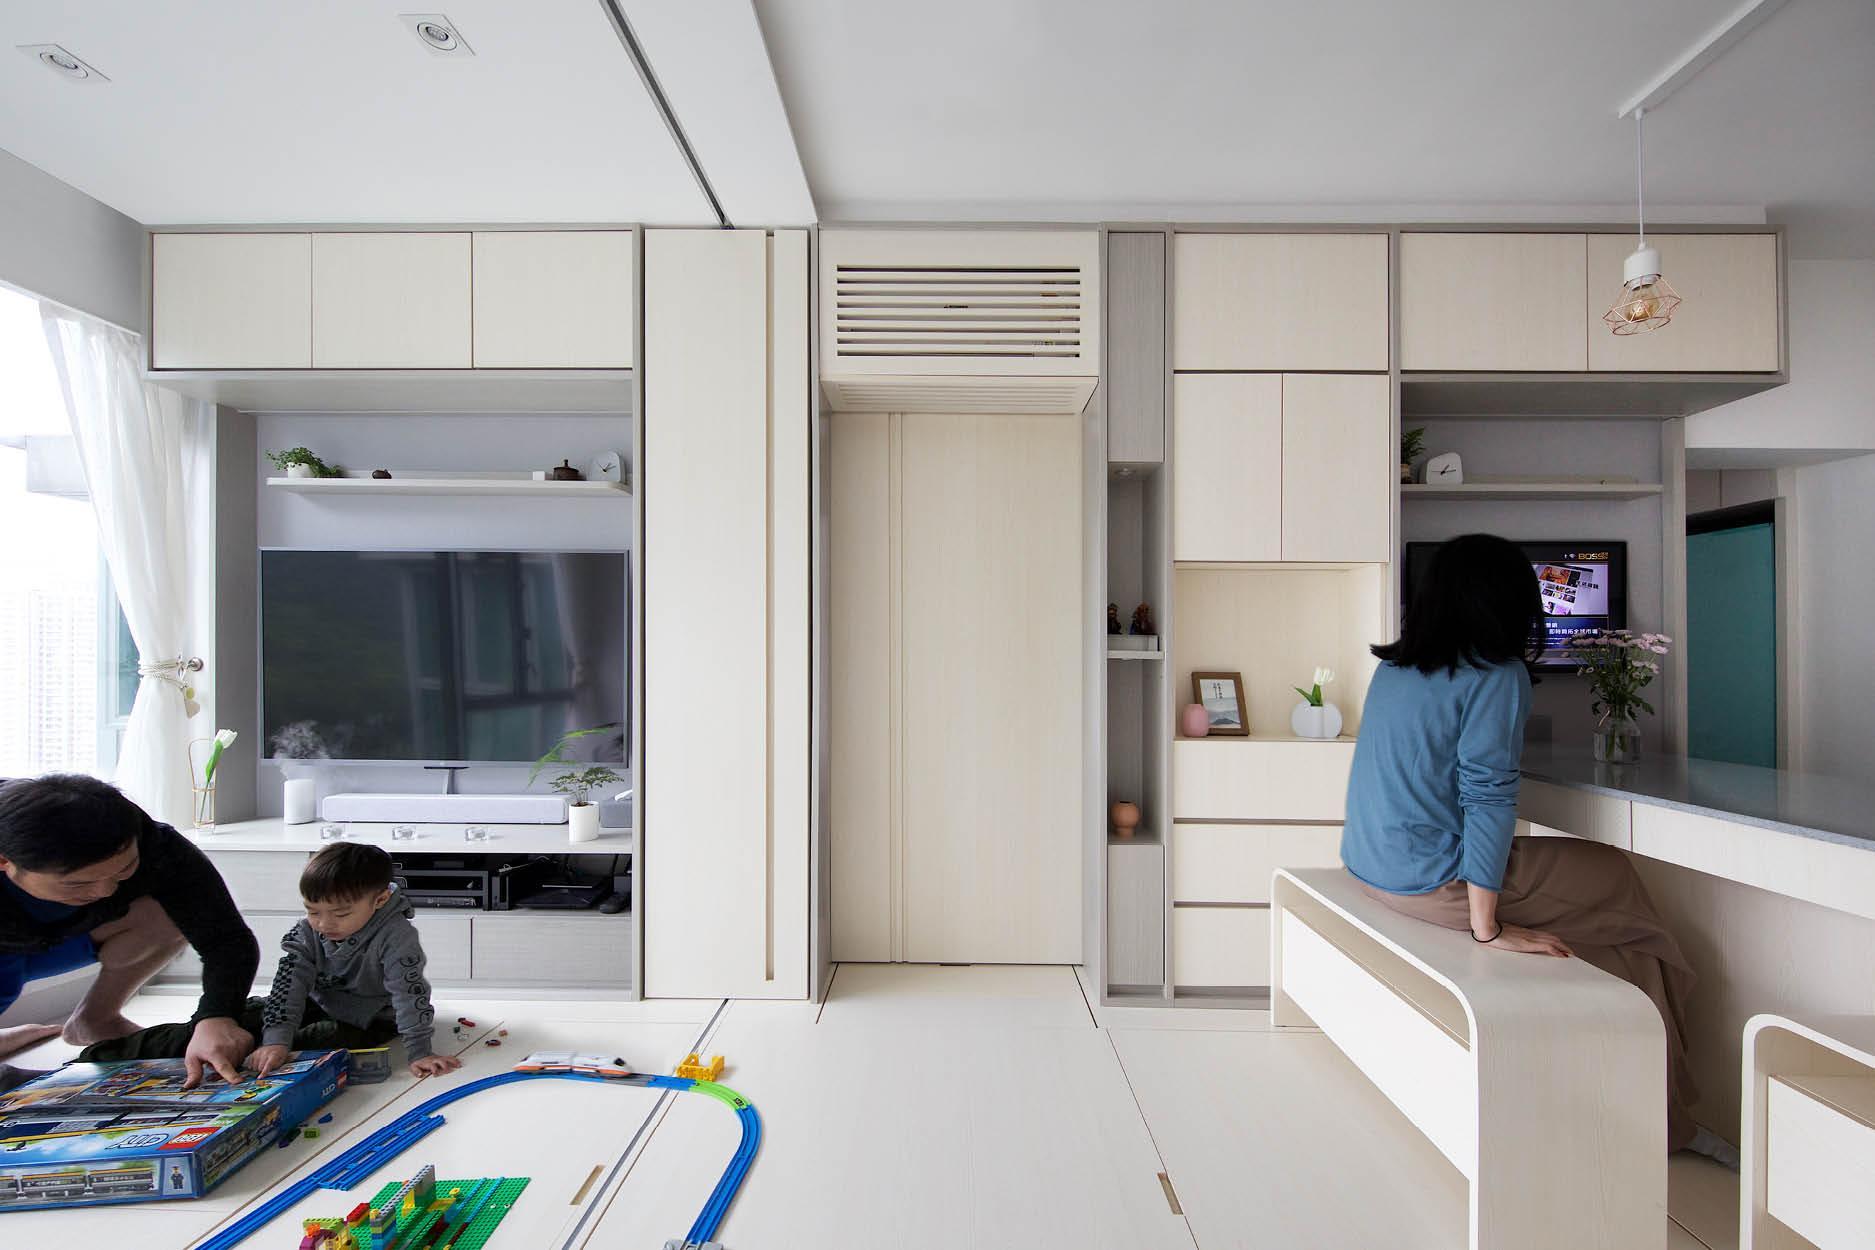 Căn hộ 45m² với mẹo bố trí hợp phong thủy giúp không gian thêm vượng khí, vợ chồng thêm thuận hòa  - Ảnh 11.